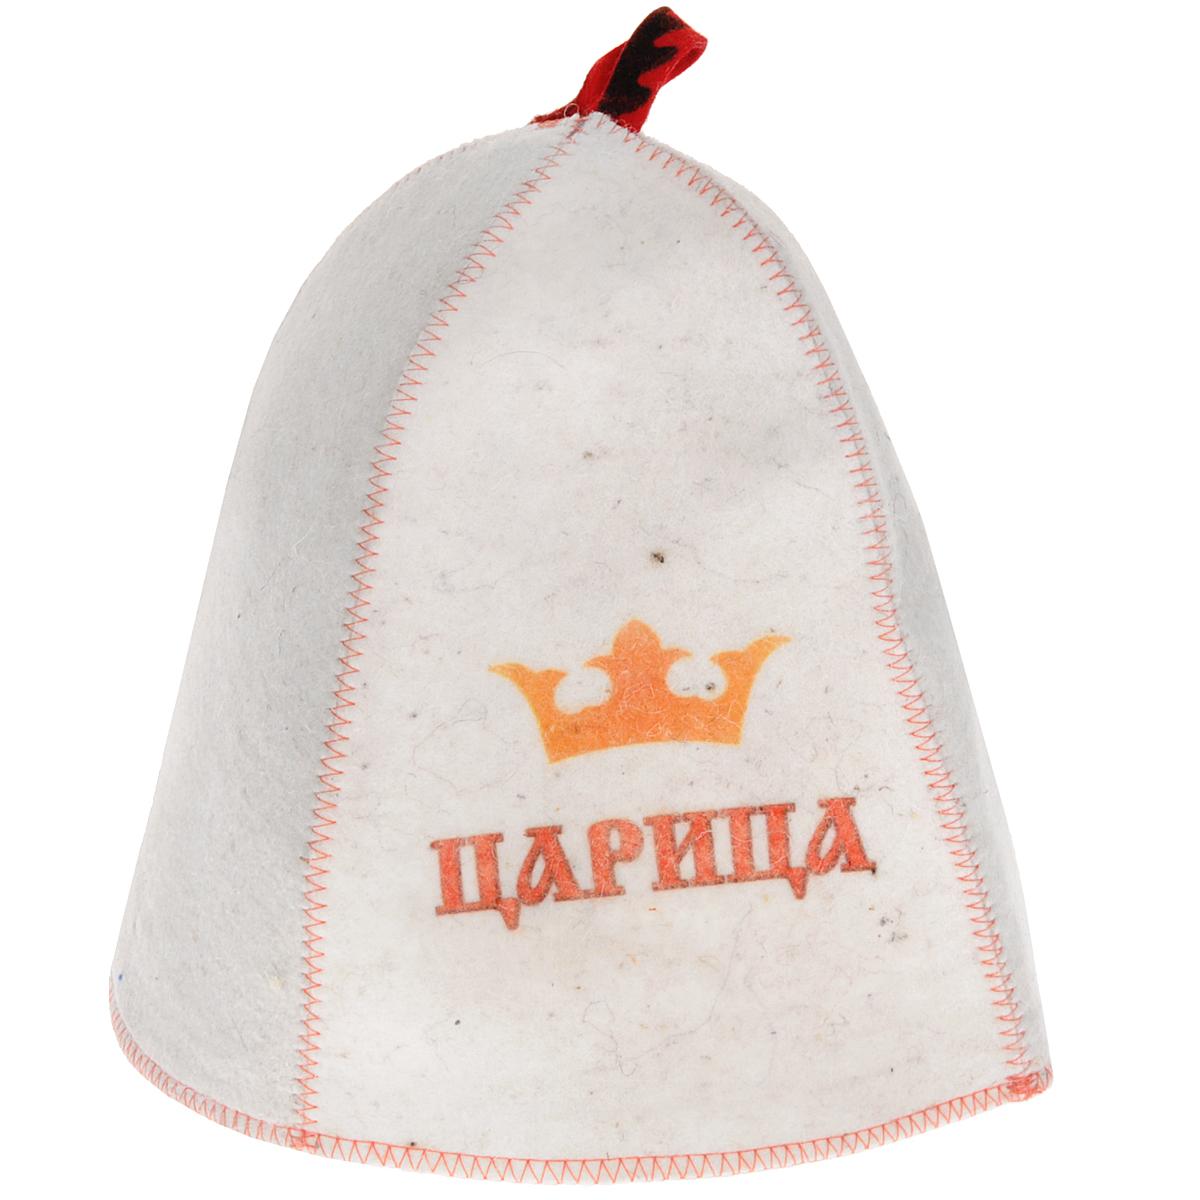 Шапка для бани и сауны Царица, шерстьБ4201Шапка для бани и сауны - это незаменимый аксессуар для любителей попариться в русской бане и для тех, кто предпочитает сухой жар финской бани. Шапка оформлена надписью Царица.Необычный дизайн изделия поможет сделать Ваш отдых более приятным и разнообразным, к тому же шапка защитит Вас от появления головокружения в бани, волосы от сухости и ломкости, а голову от перегрева.Такая шапка станет отличным подарком для любителей отдыха в бане или сауне. Диаметр основания шапки: 34 см. Высота шапки: 26 см.